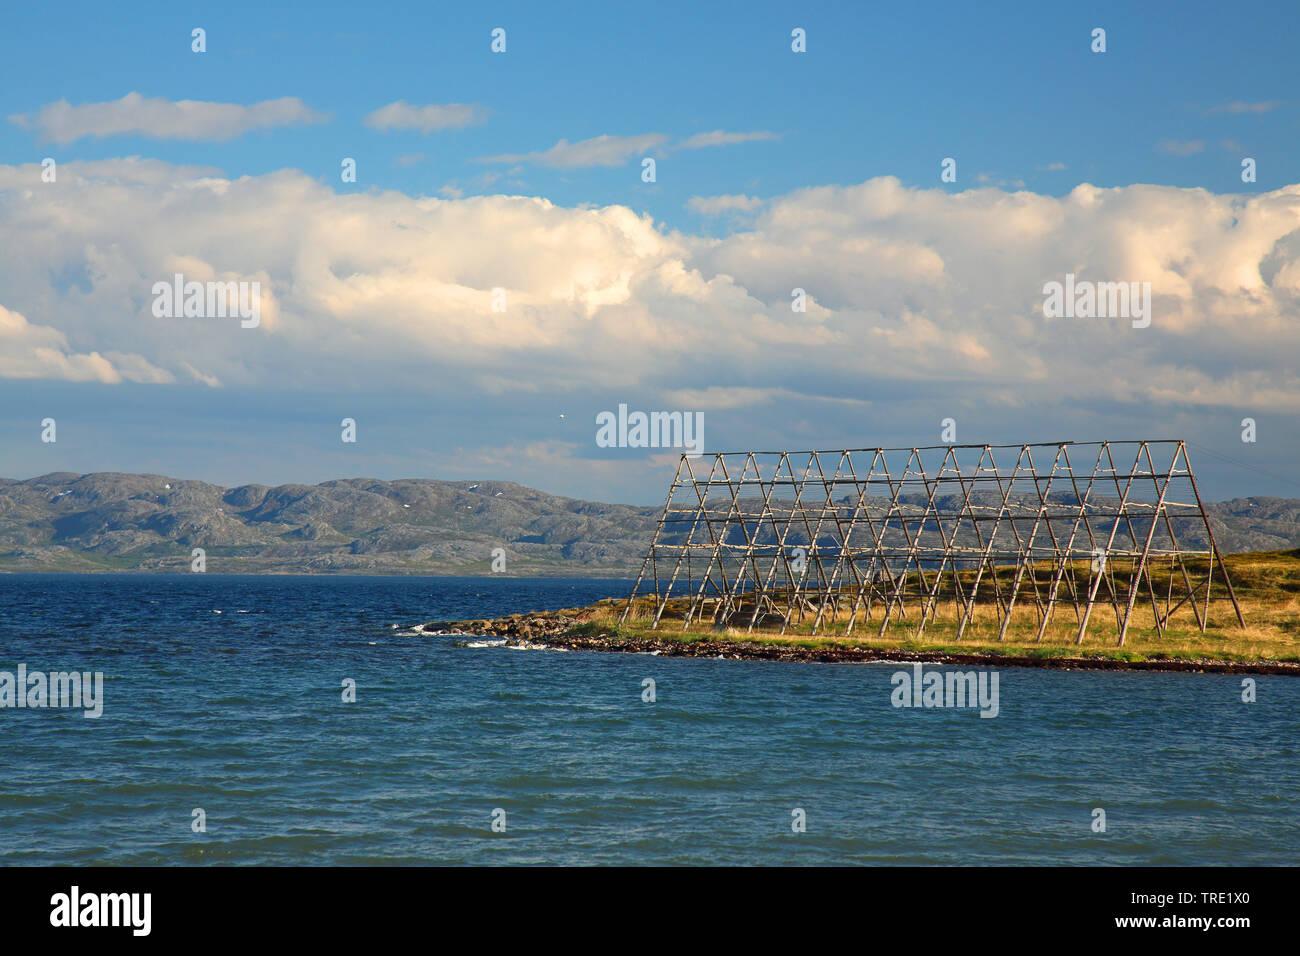 Stockfischtrocknungsgestell, Norwegen, Varangerfjord, Nesseby | frames for dried cod, Norway, Varangerfjord, Nesseby | BLWS514942.jpg [ (c) blickwinke - Stock Image